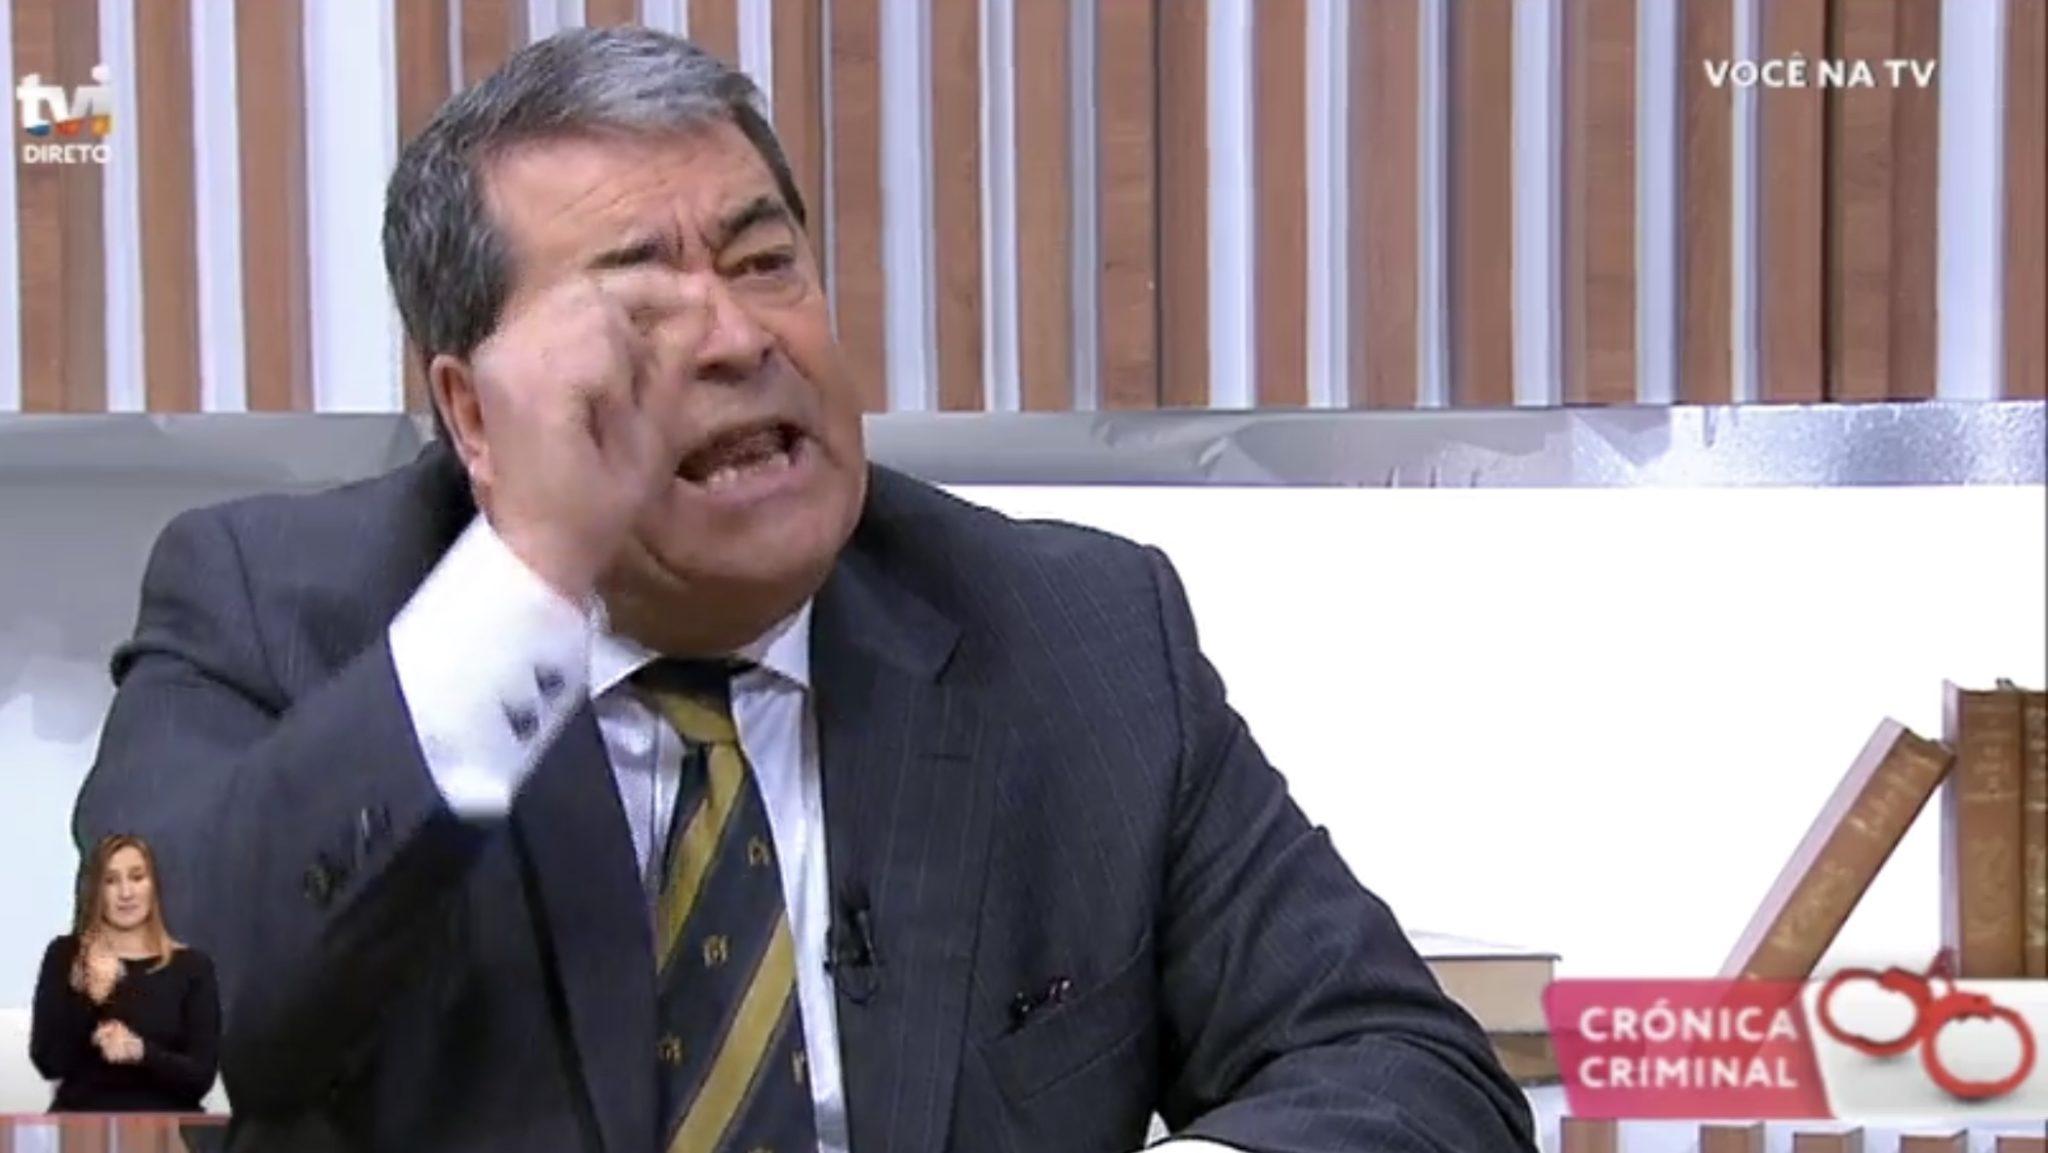 Fbfb49Fd A24E 4903 9223 30D2D893F233 &Quot;Estalinismo&Quot; E &Quot;Pretensos Democratas&Quot;. Marinho Pinto Comenta &Quot;Caso Mário Machado&Quot;